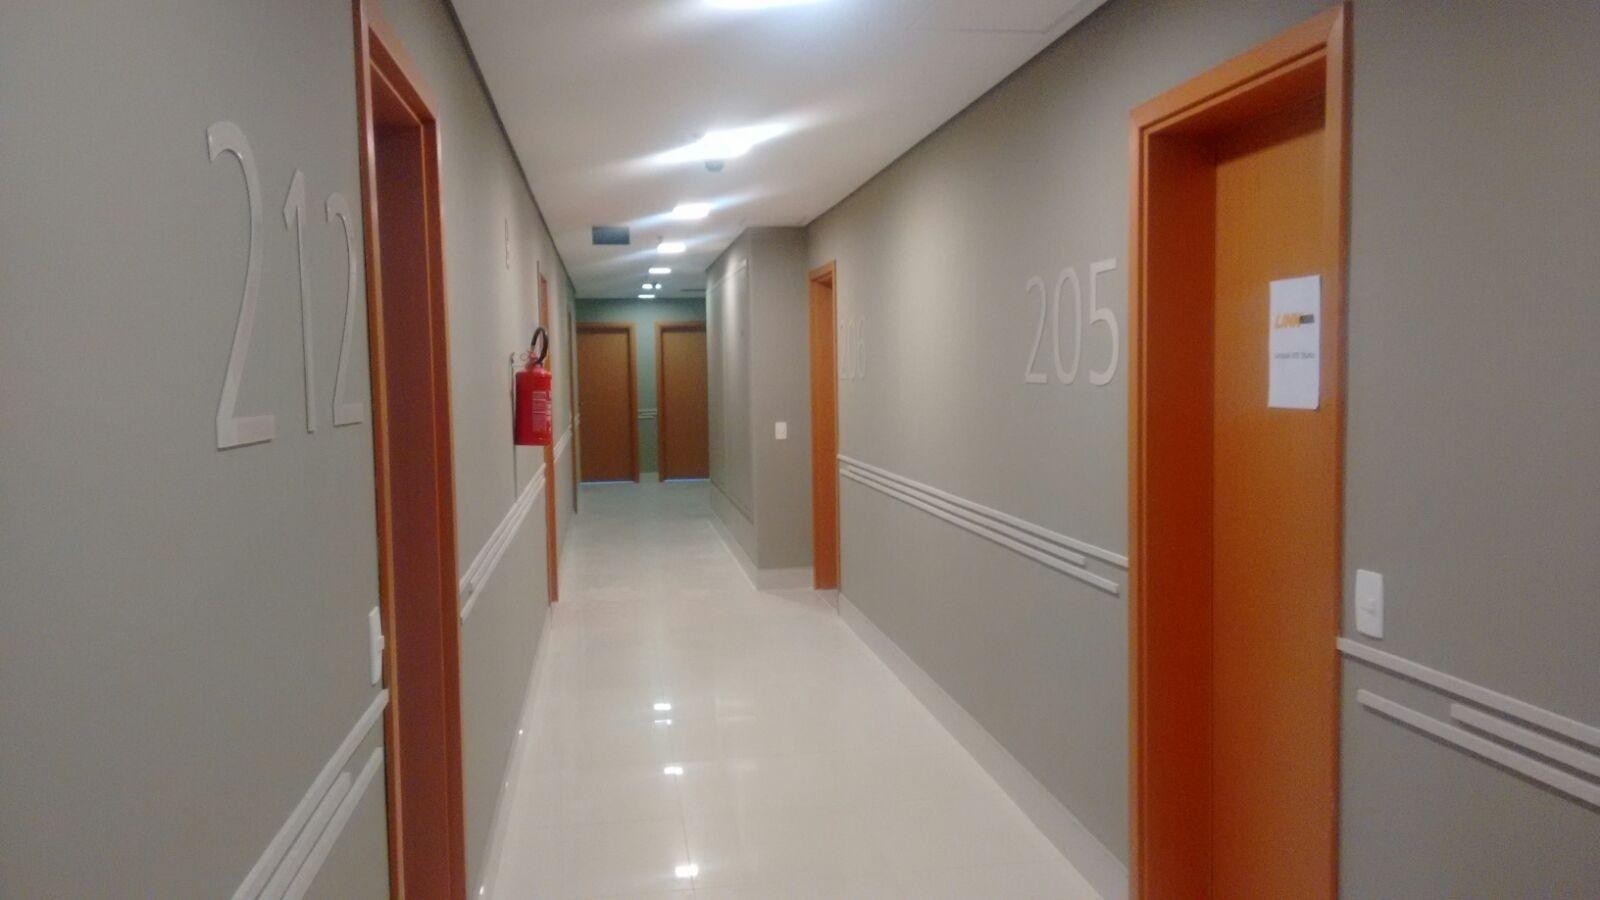 Quanto Custa Placas de Sinalização em Acrílico em Vinhedo - Placas de Sinalização para Empresas